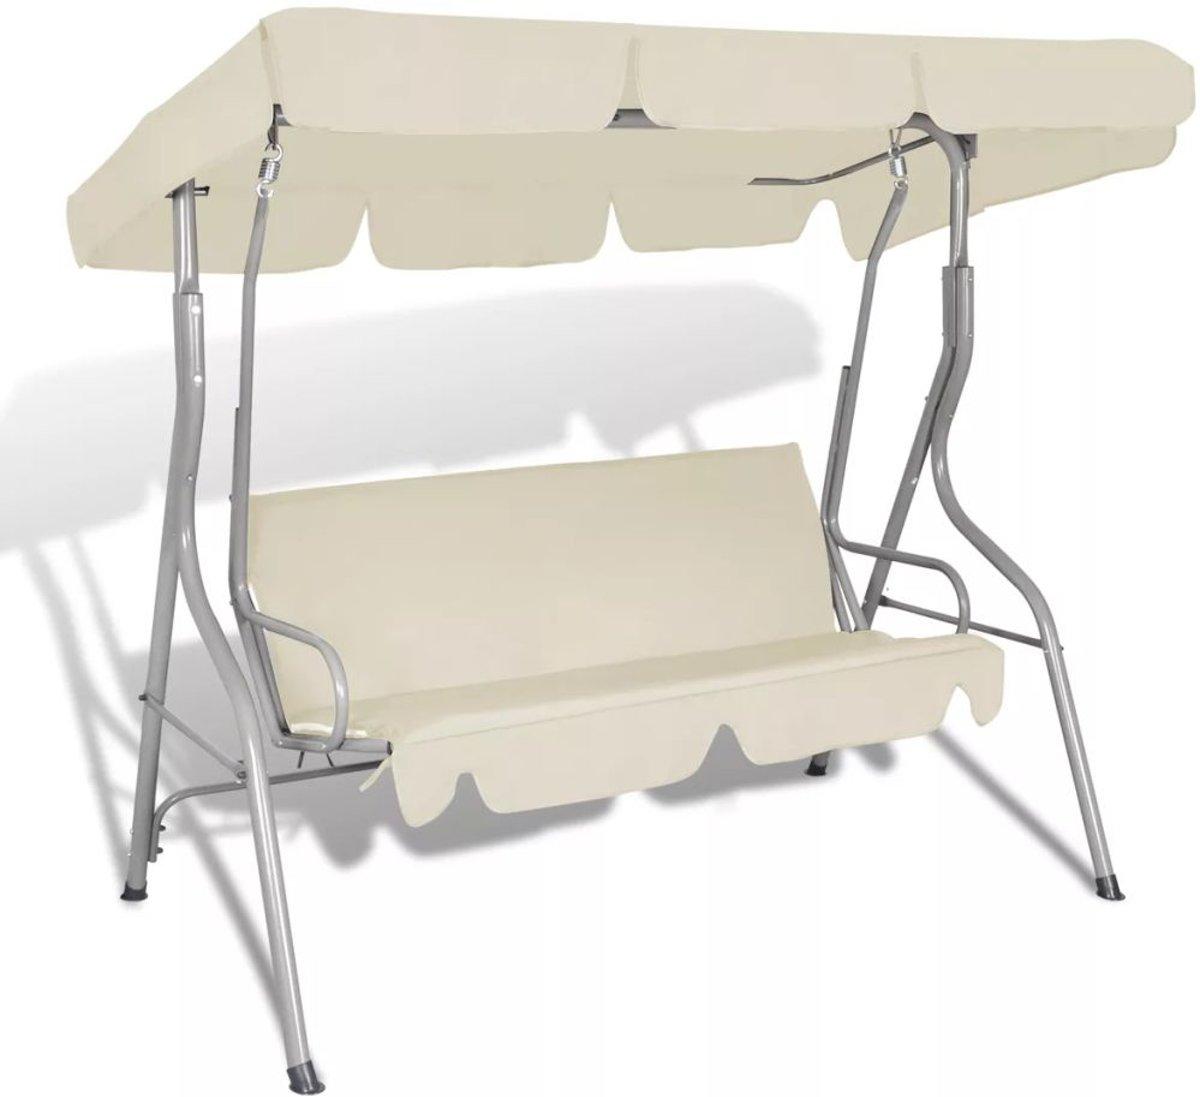 Hang schommelstoel met luifel voor buiten (zand wit) kopen